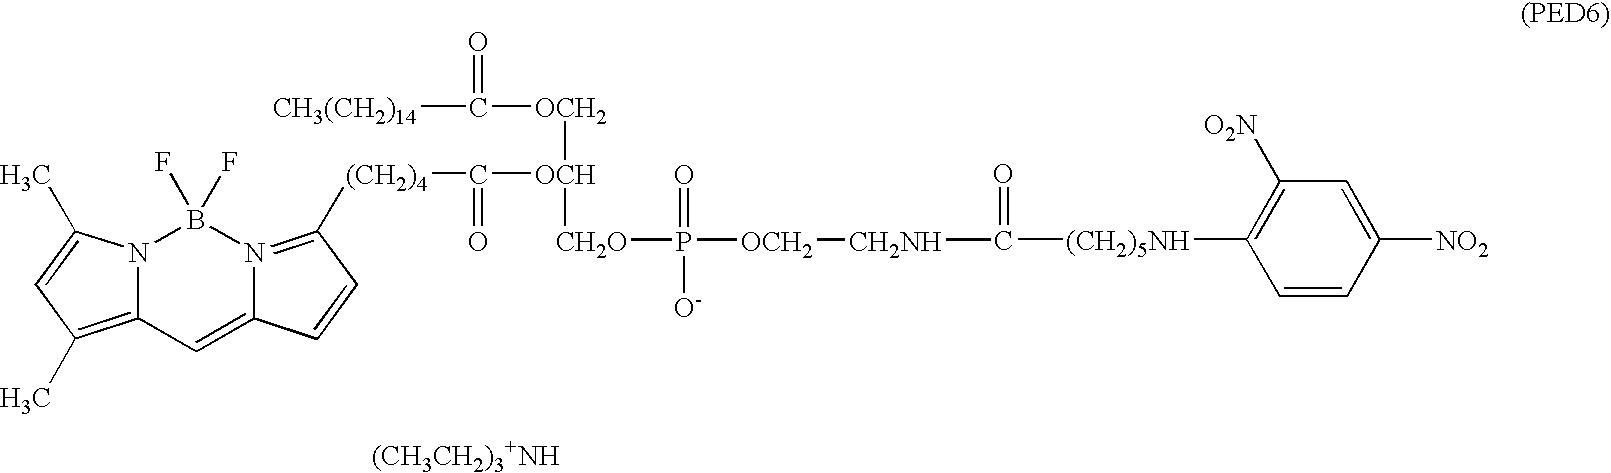 Figure US09029383-20150512-C00046